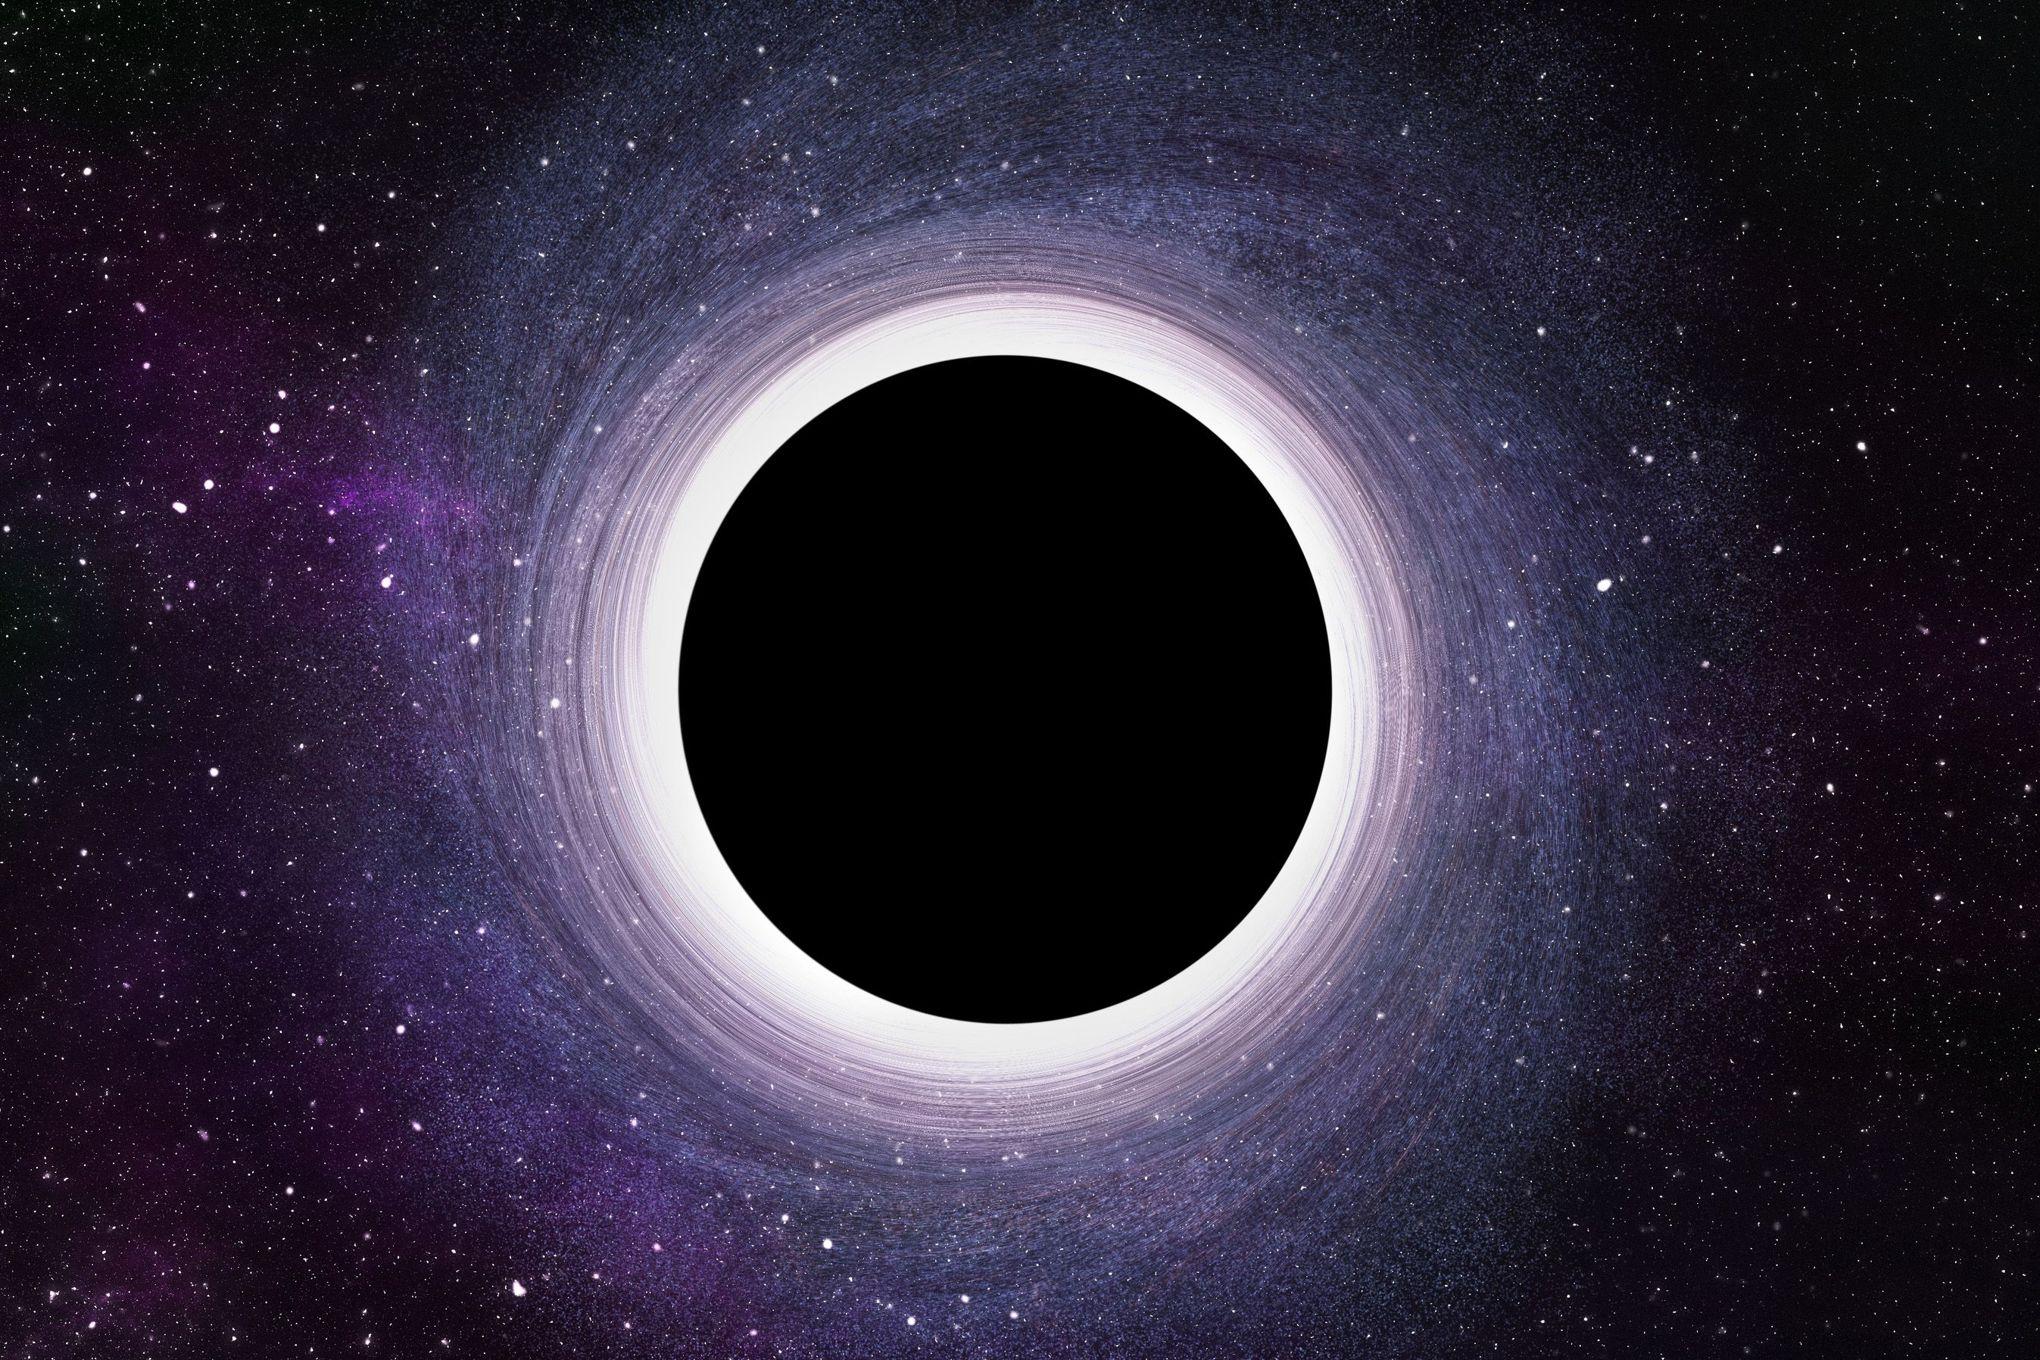 Siyah rengin psikolojisi, gücü ve tutkuyu temsil etmek üzerinedir.